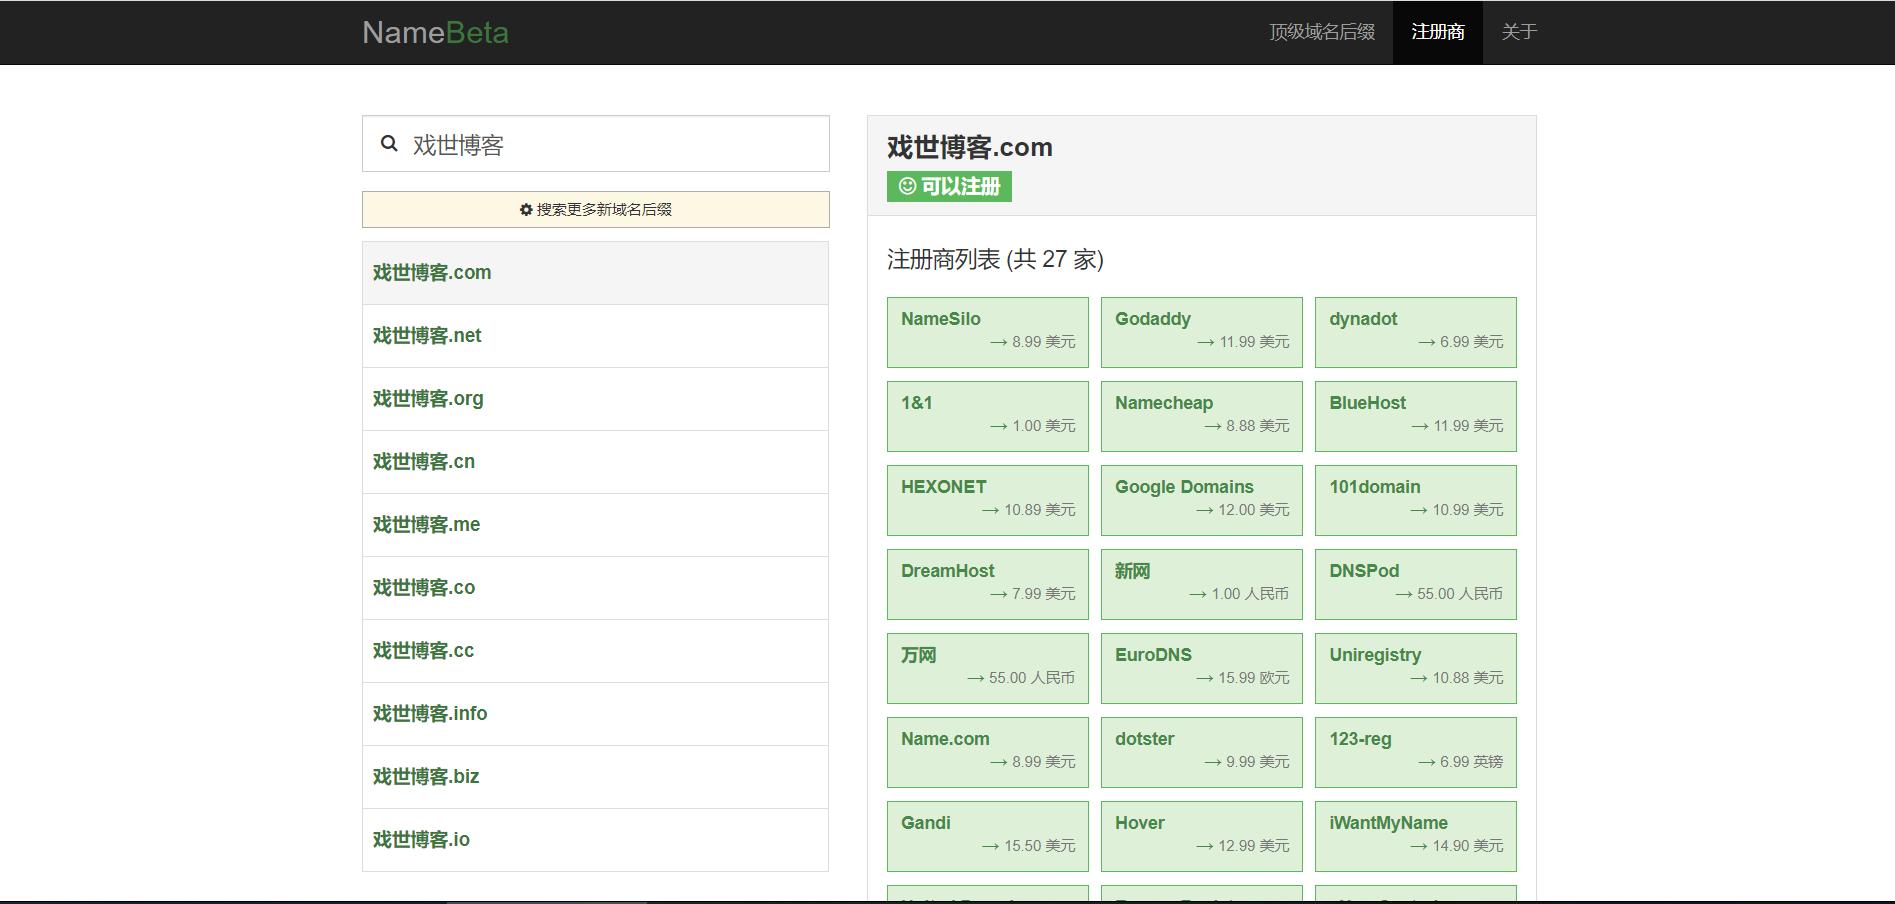 推荐一个对比各大注册商域名价格的网站-戏世博客